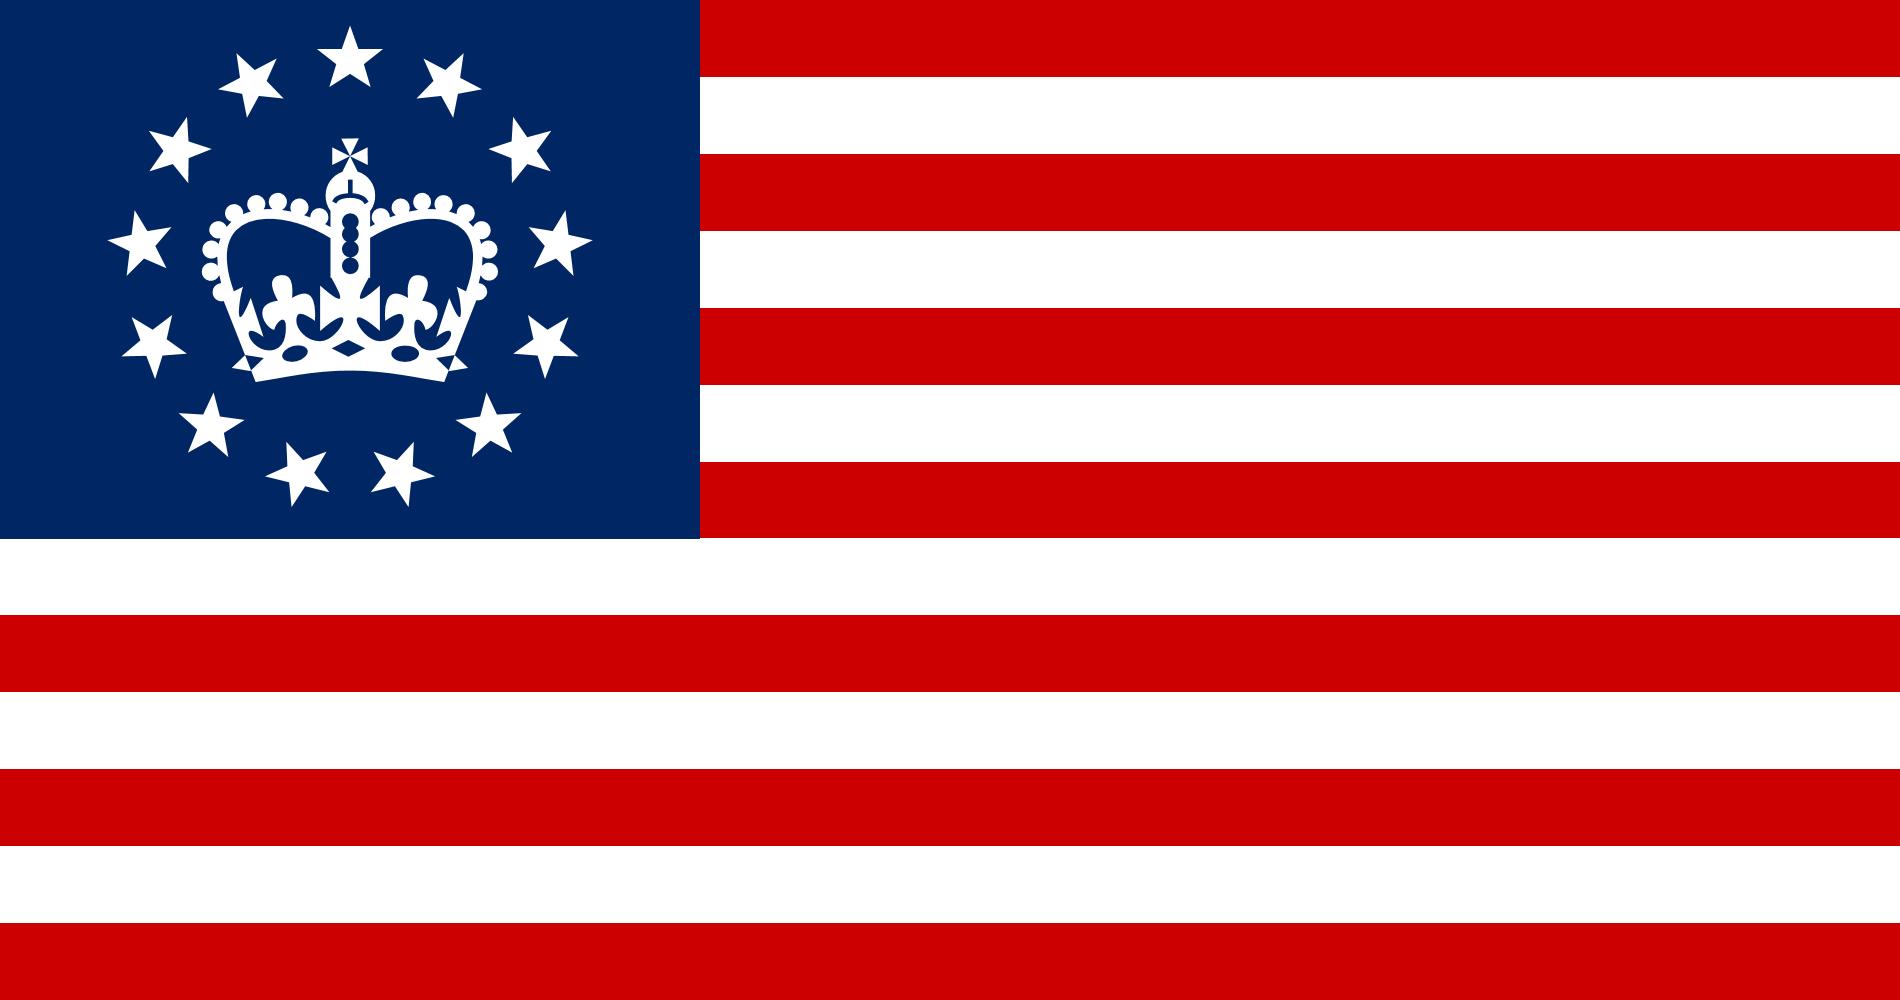 Kingdom Of American States By Alternatehistory On Deviantart